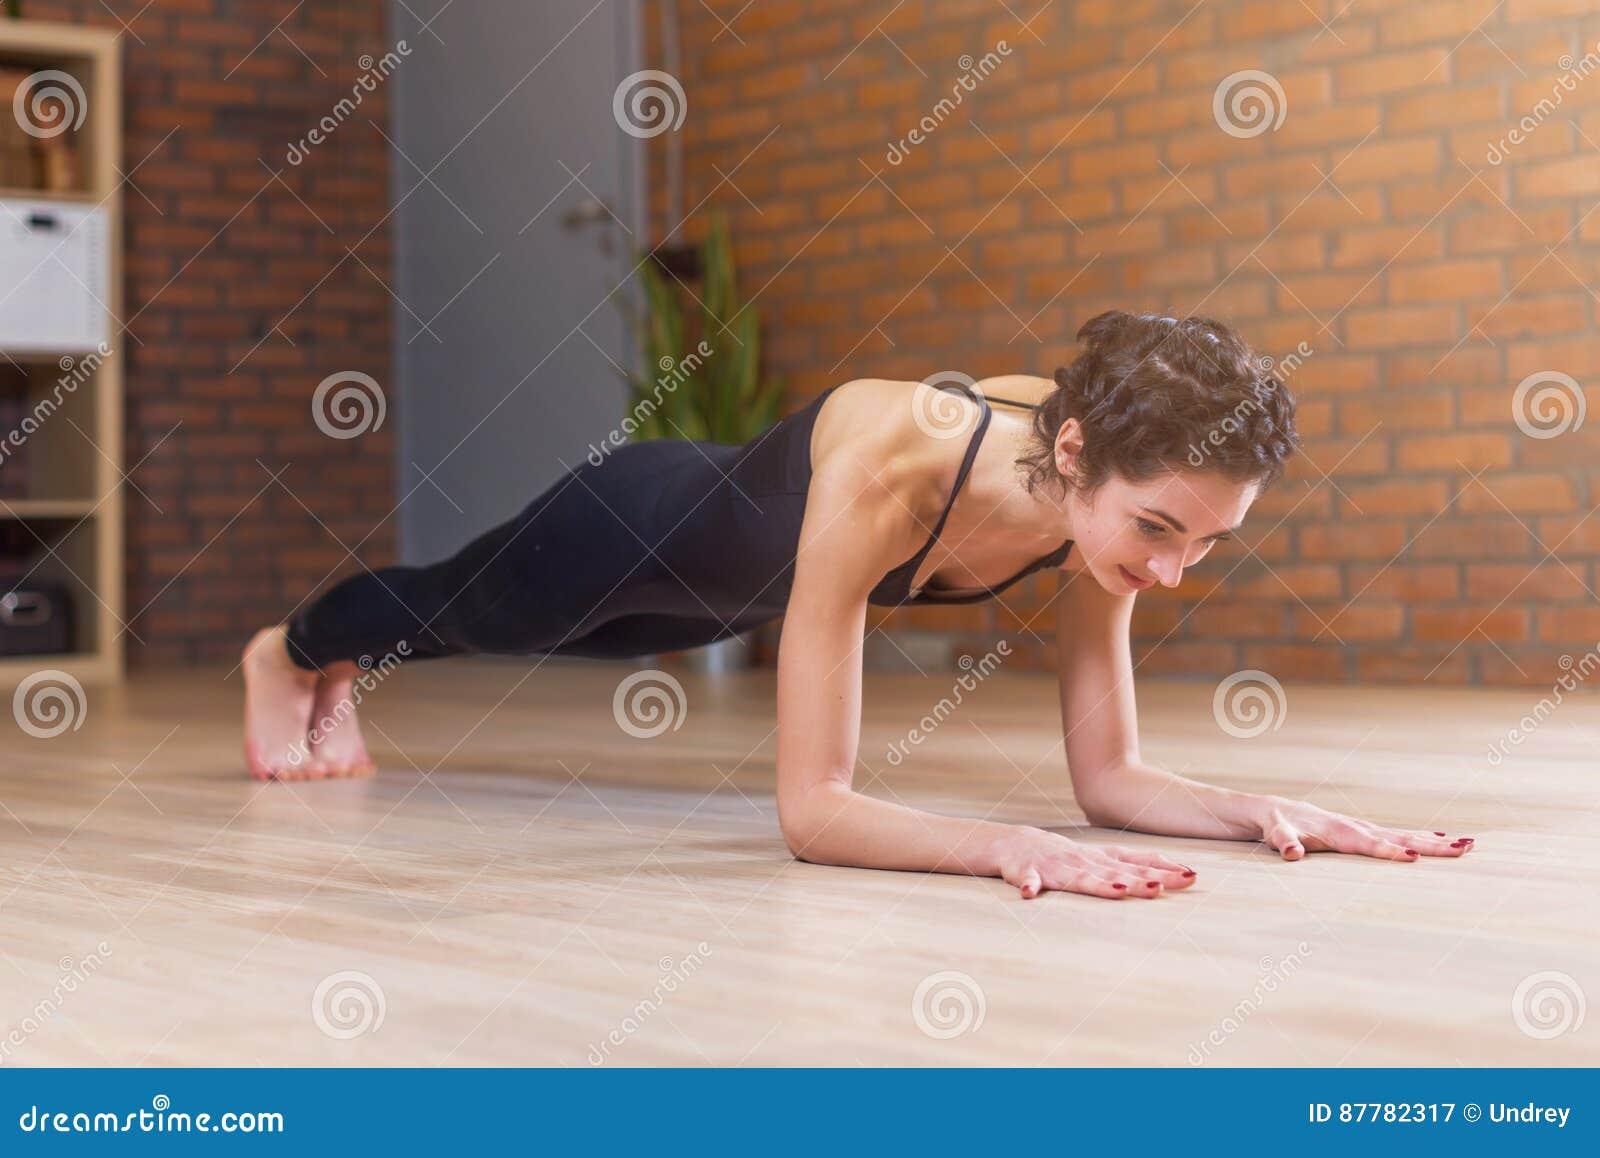 Fußboden Schlafzimmer Yoga ~ Die geeignete frau welche die yoga oder pilatesübung steht in